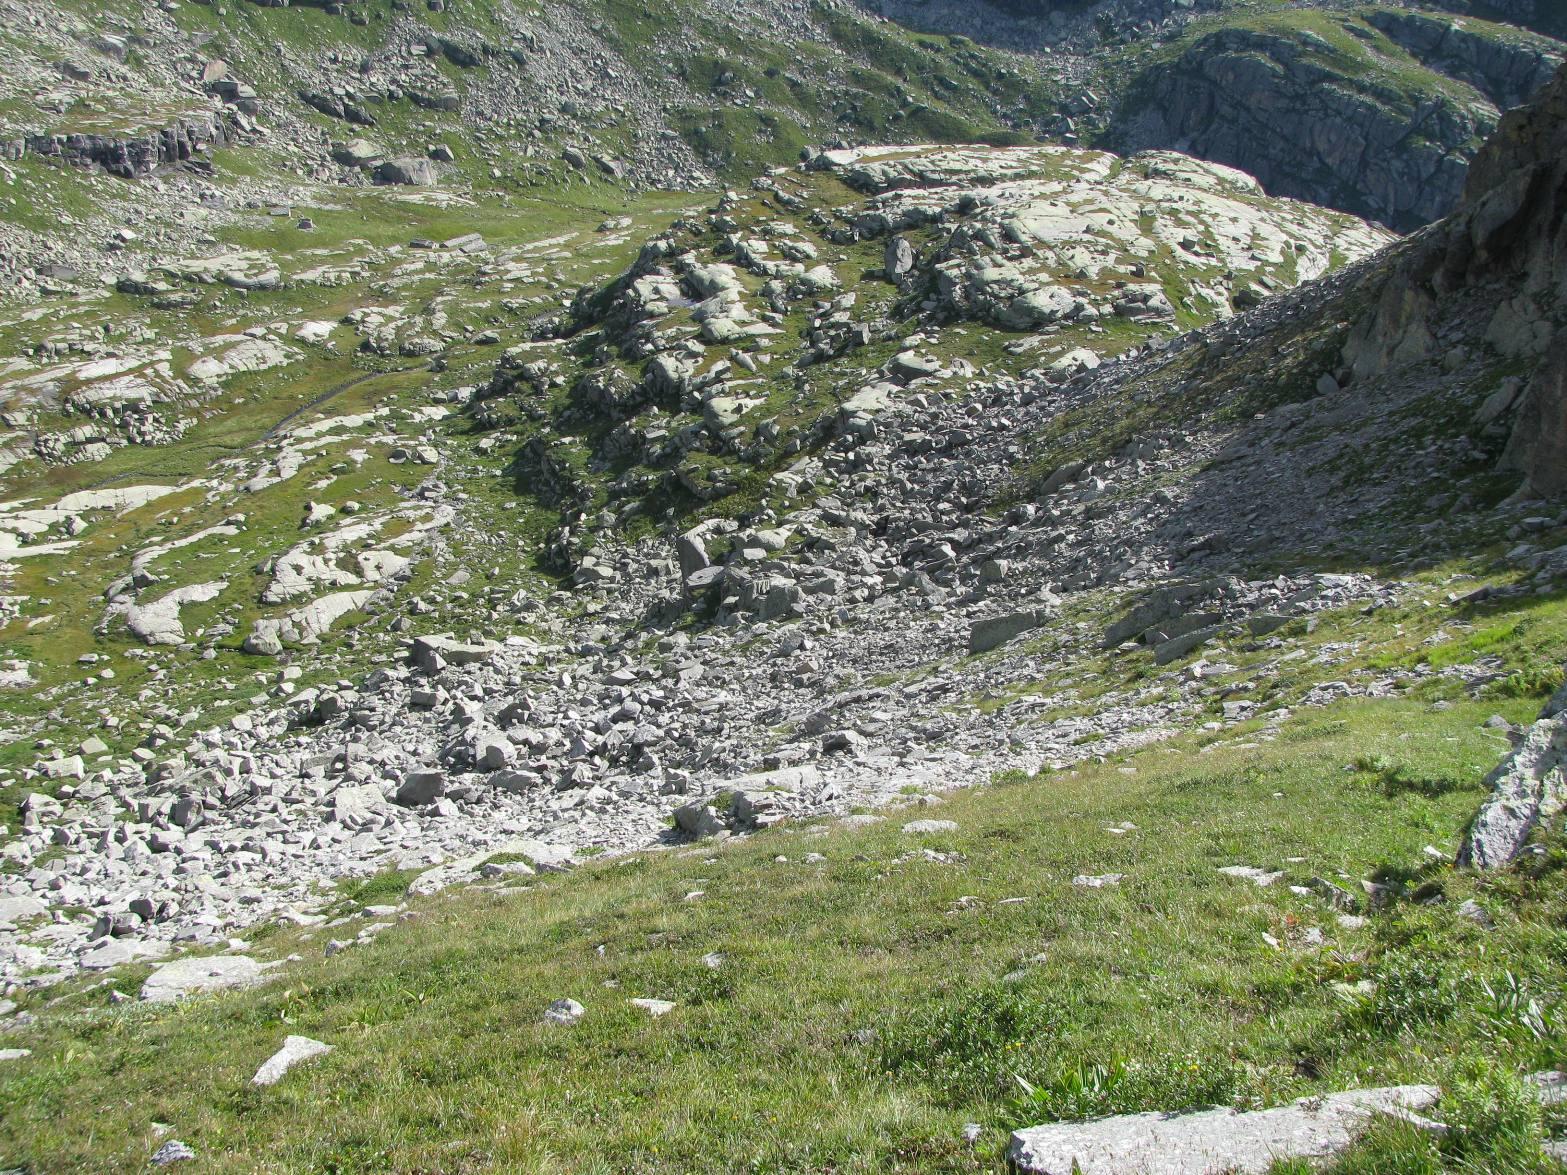 Vista dall'alto del percorso di salita, da contro le rocce